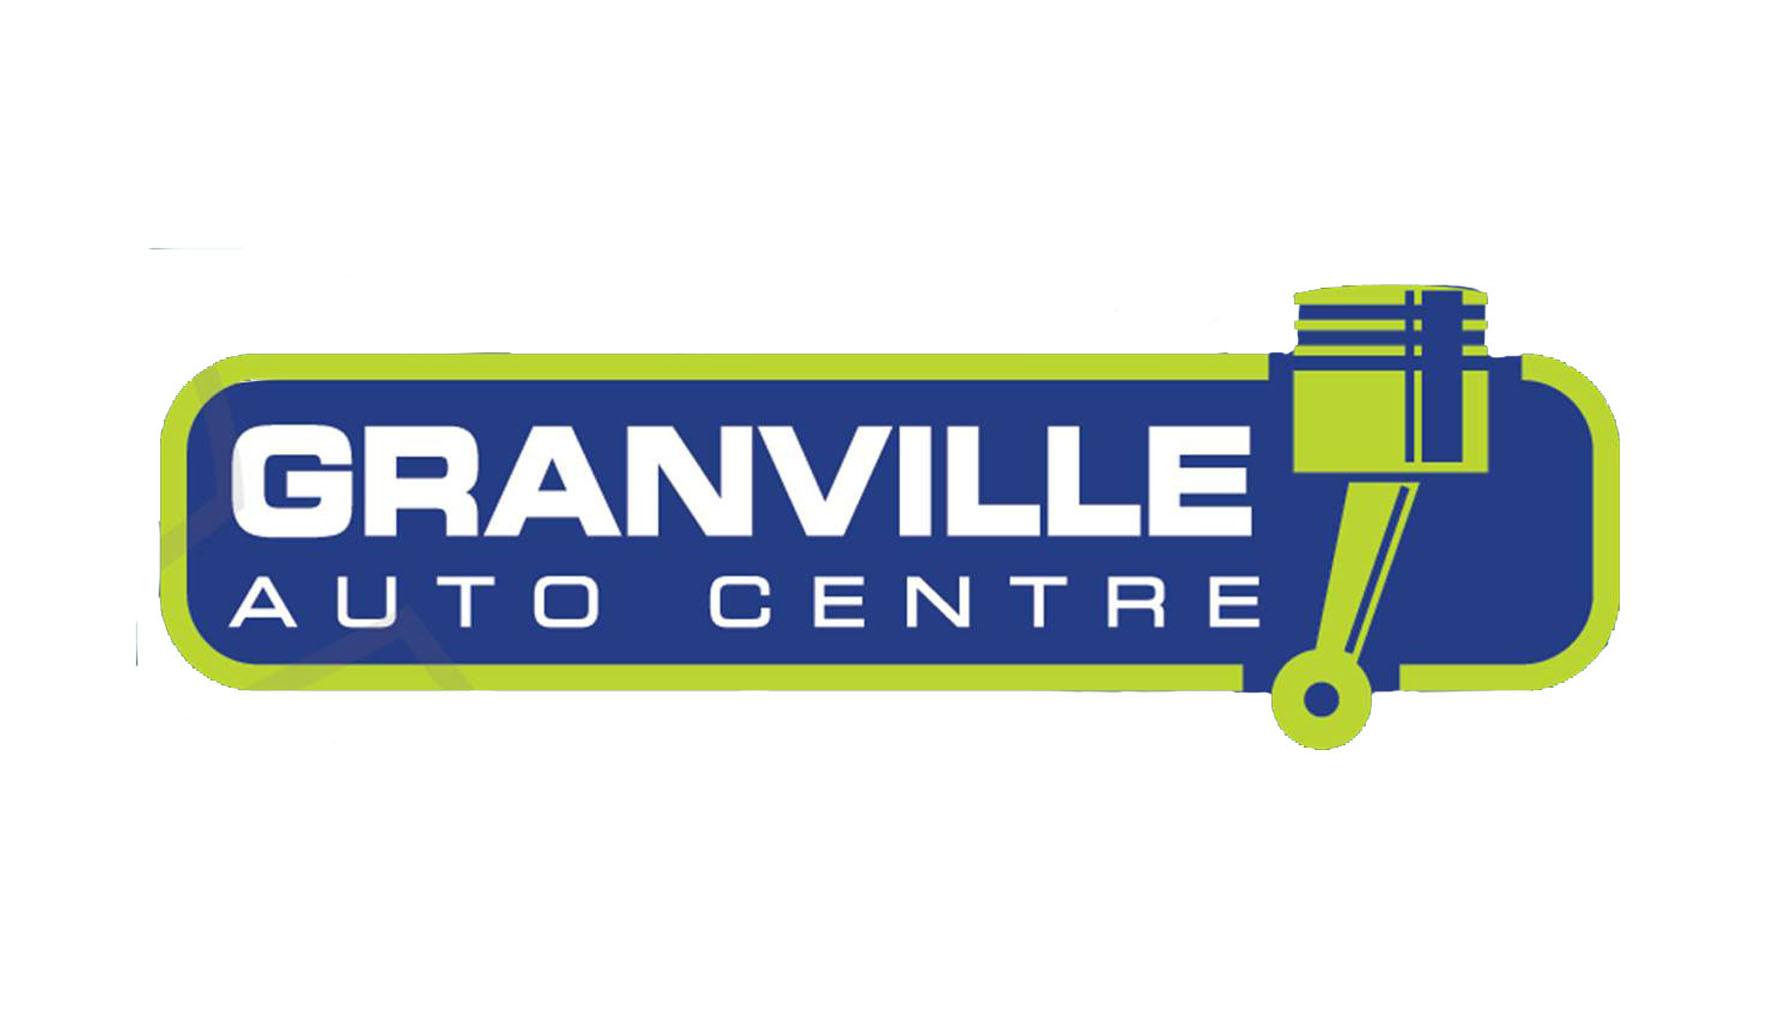 Granville Auto Centre